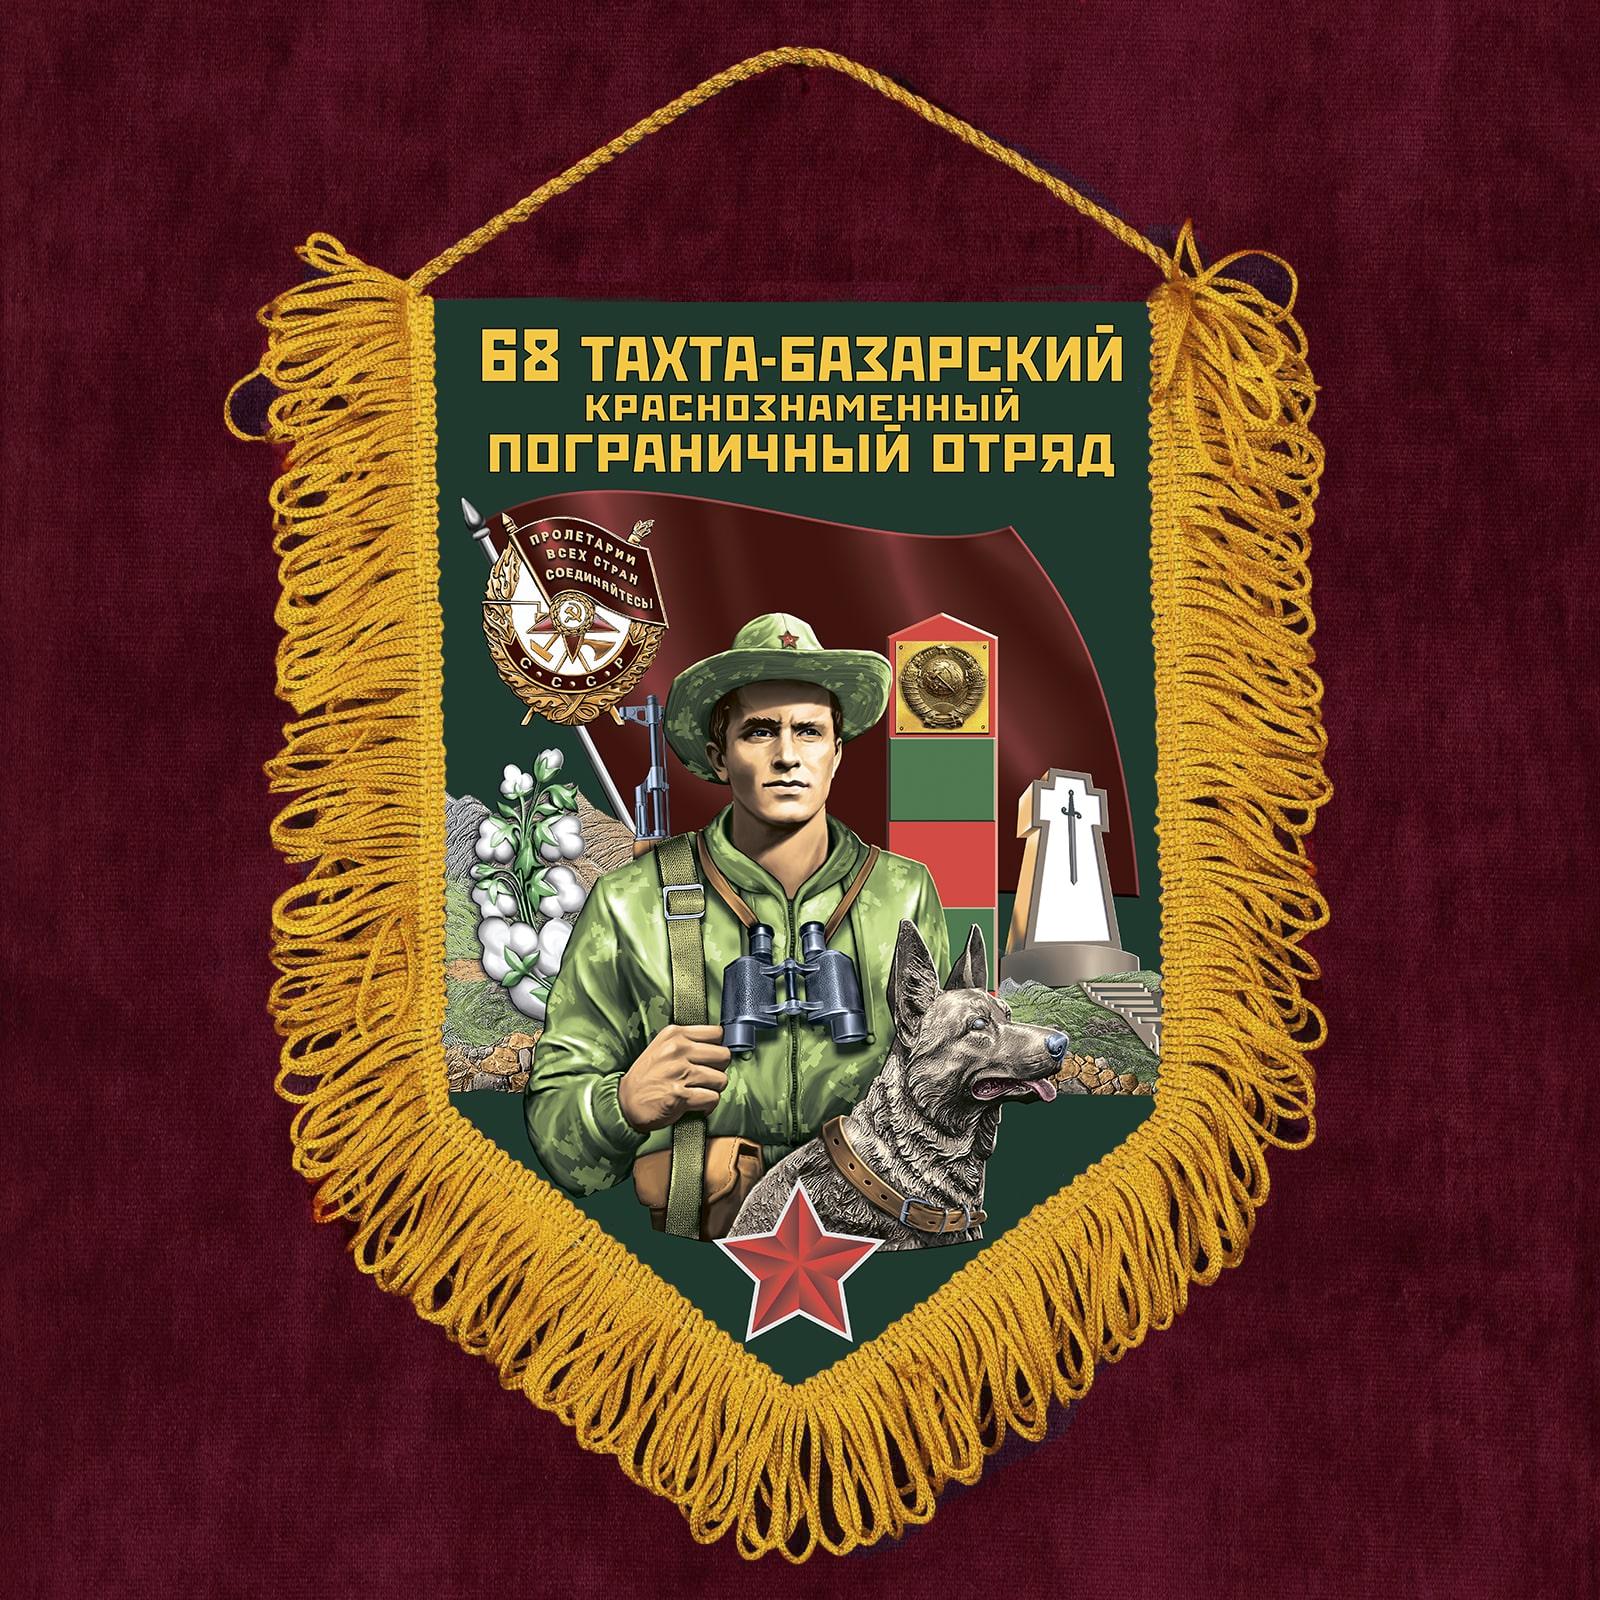 """Подарочный вымпел """"68 Тахта-Базарский пограничный отряд"""""""